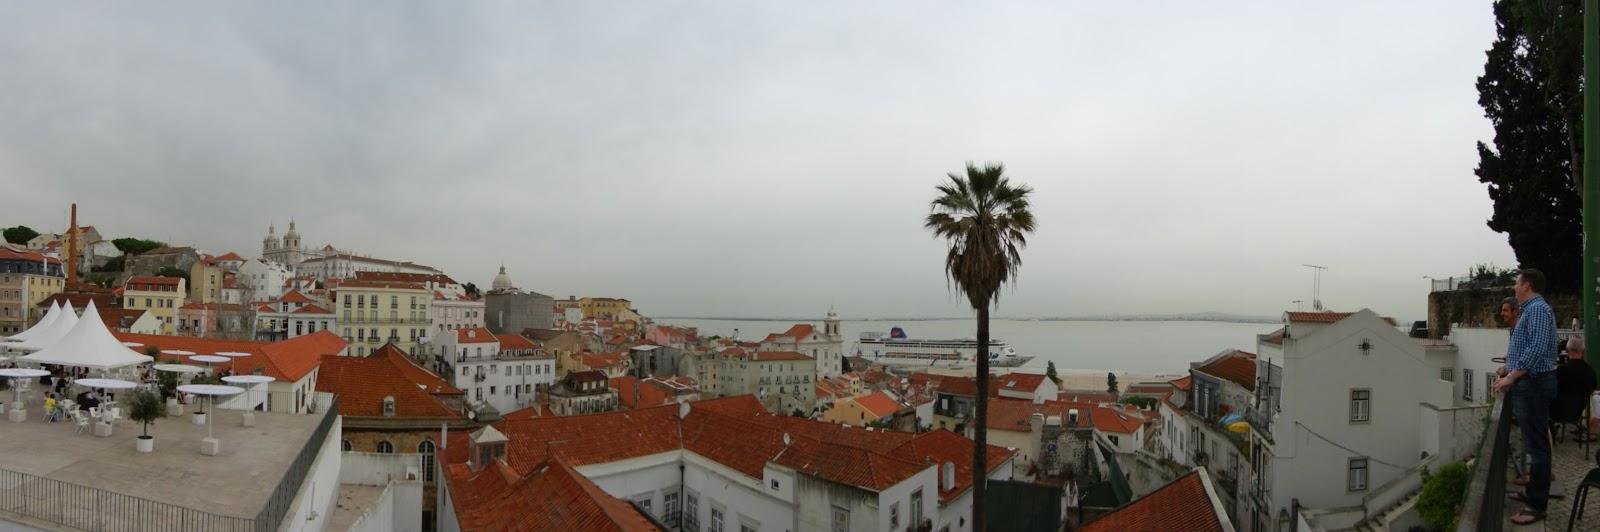 Лиссабон вид гороа